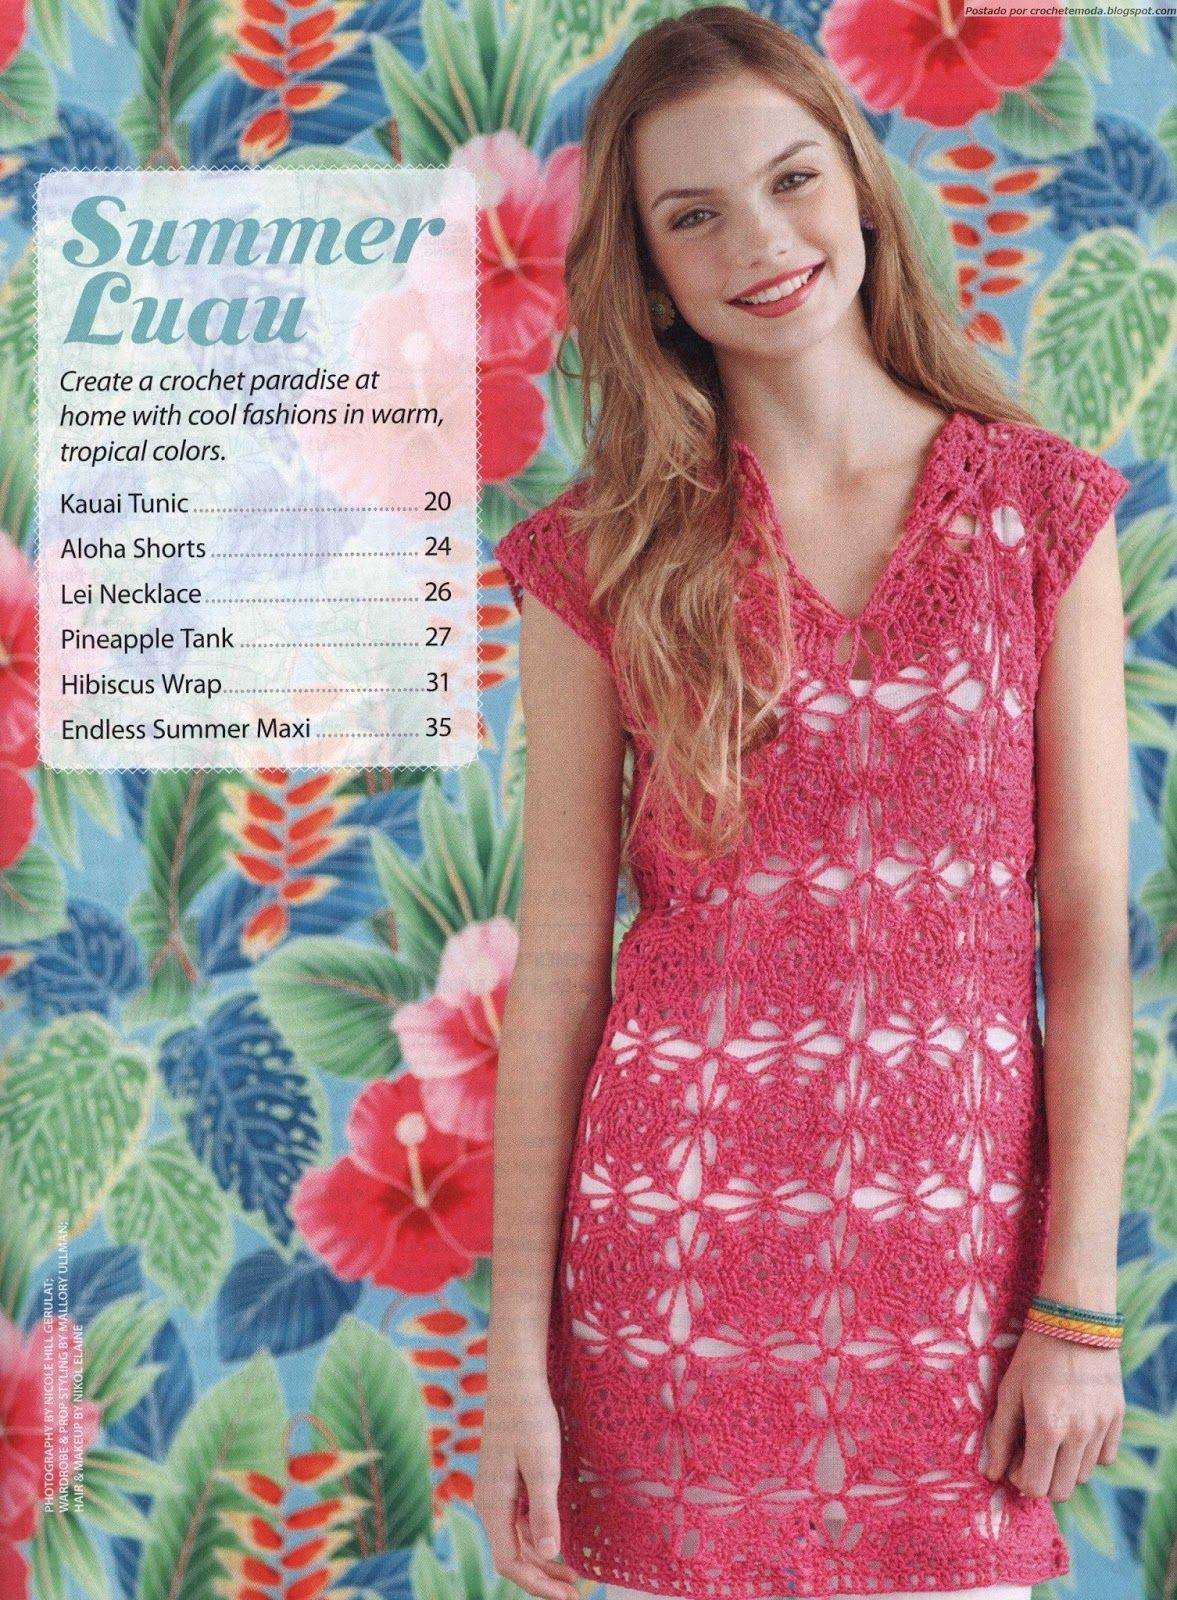 Vestido de Crochet Rosa   Pinterest   Vestiditos, Blog y Vestidos ...